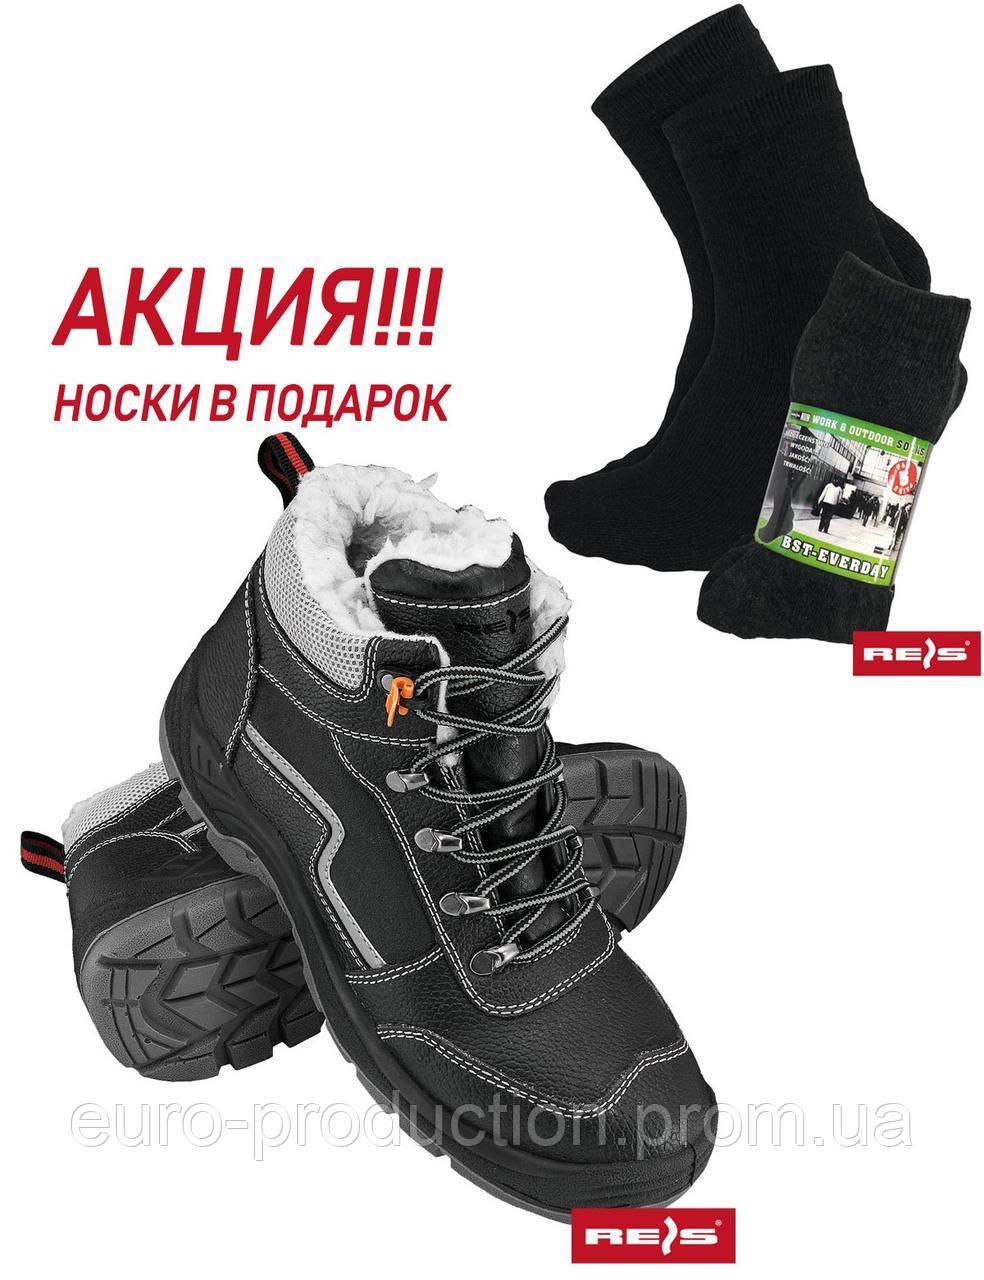 Защитные ботинки утепленные BRYETI + подарок